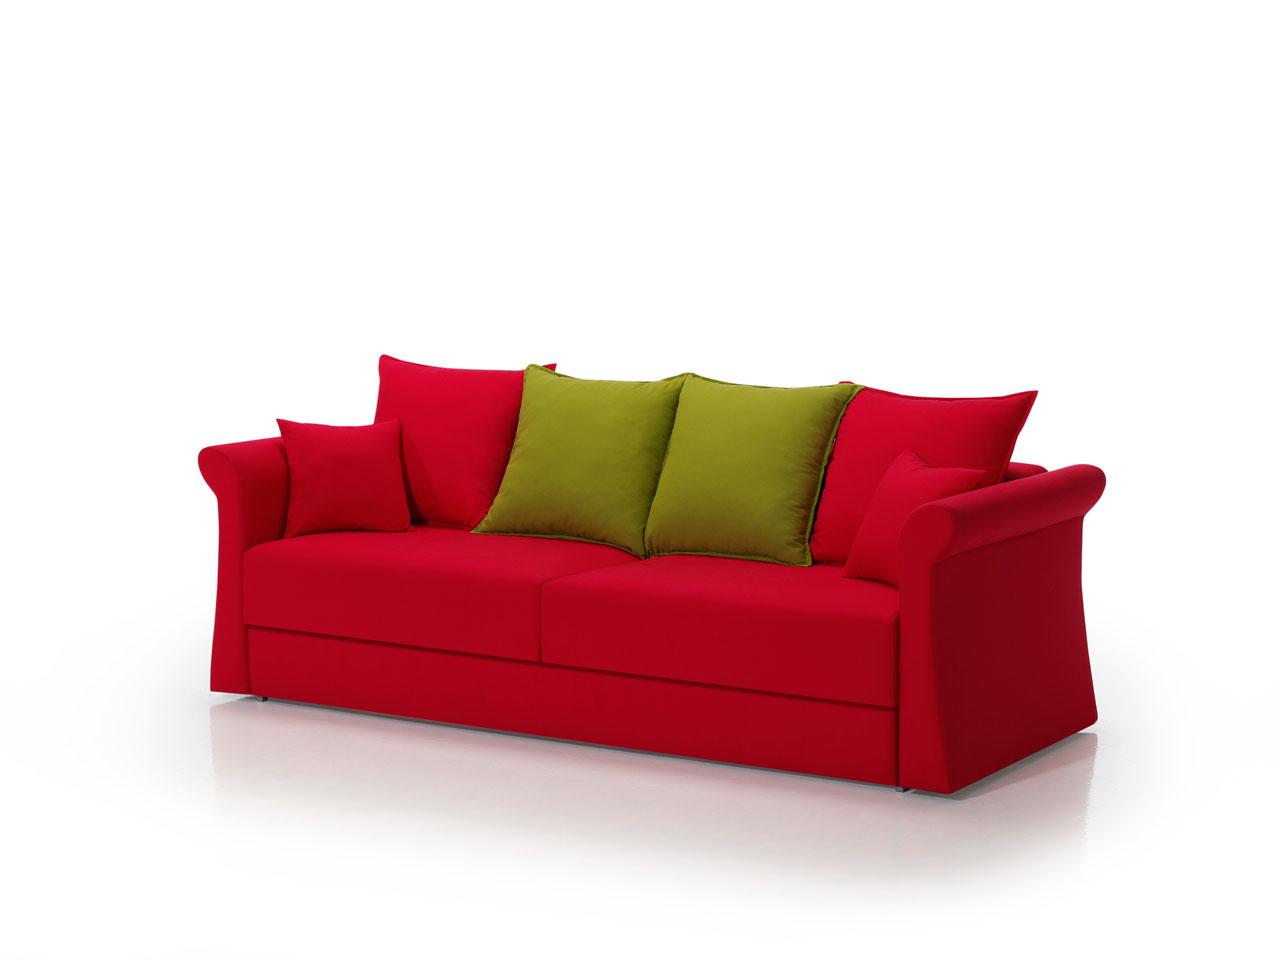 Sofa cama rojo online la mesa de centro for Sofa cama polipiel